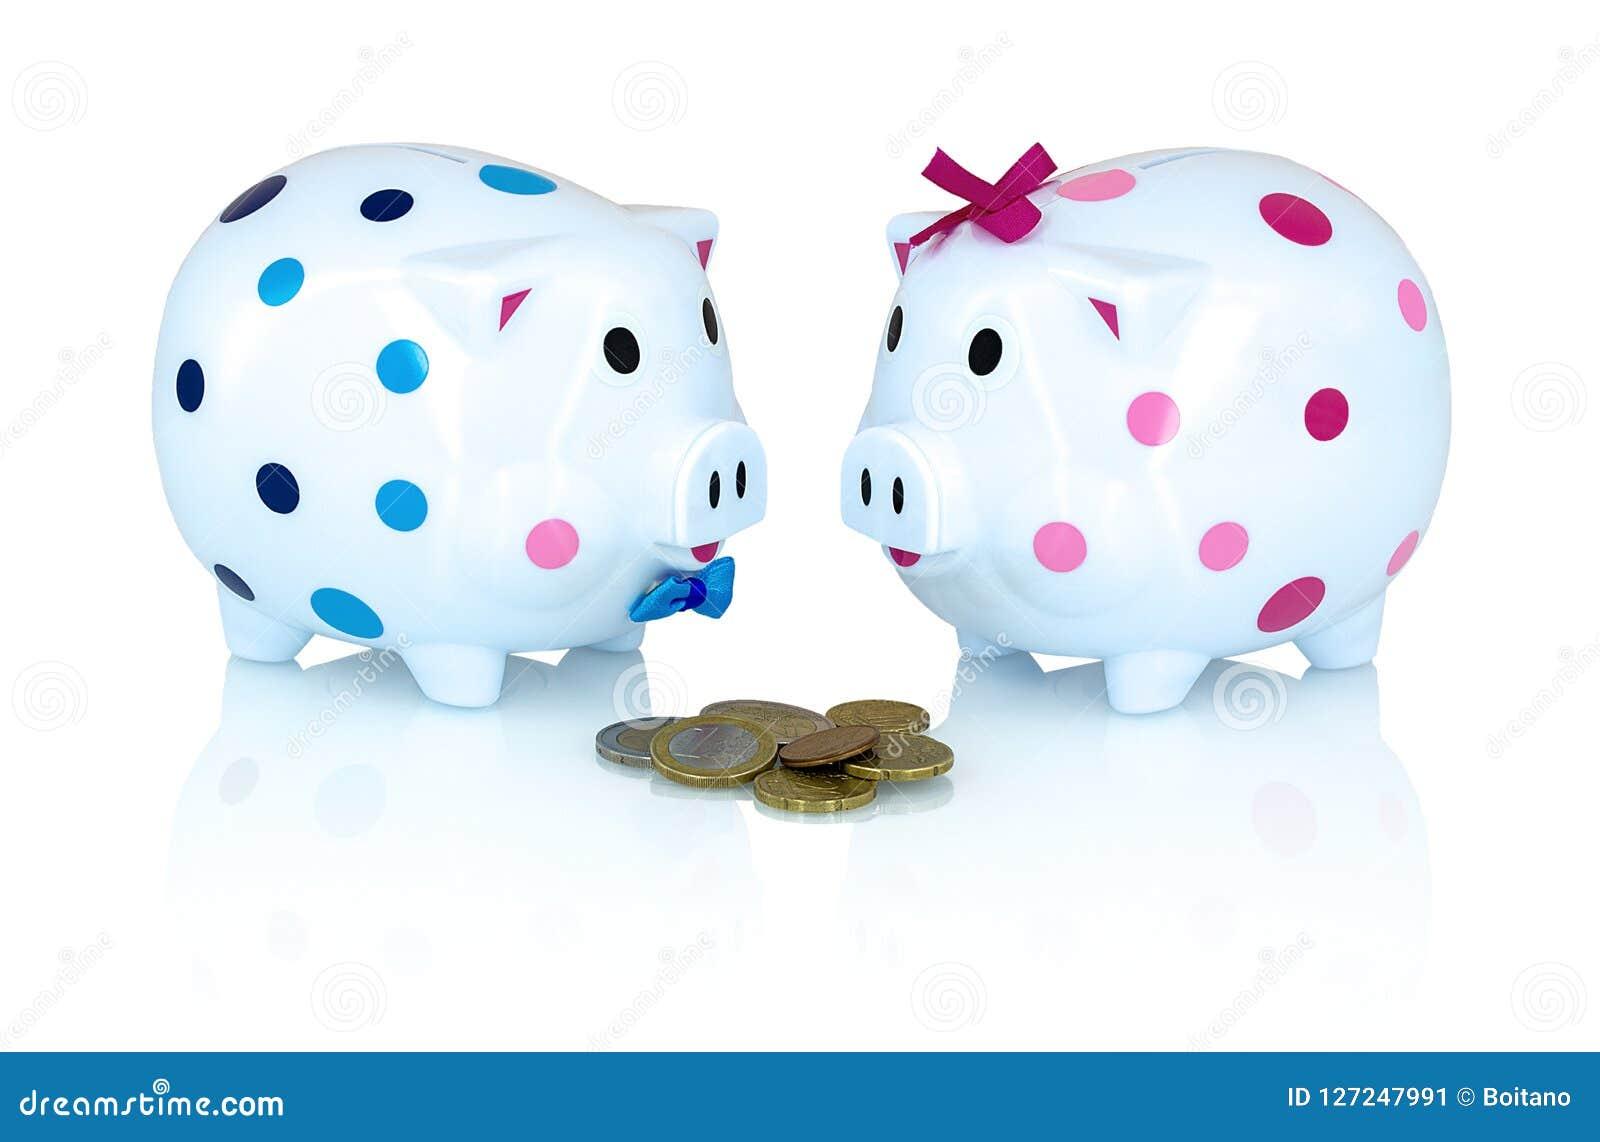 男孩和女孩存钱罐为在与阴影反射的白色背景存与欧洲硬币的金钱